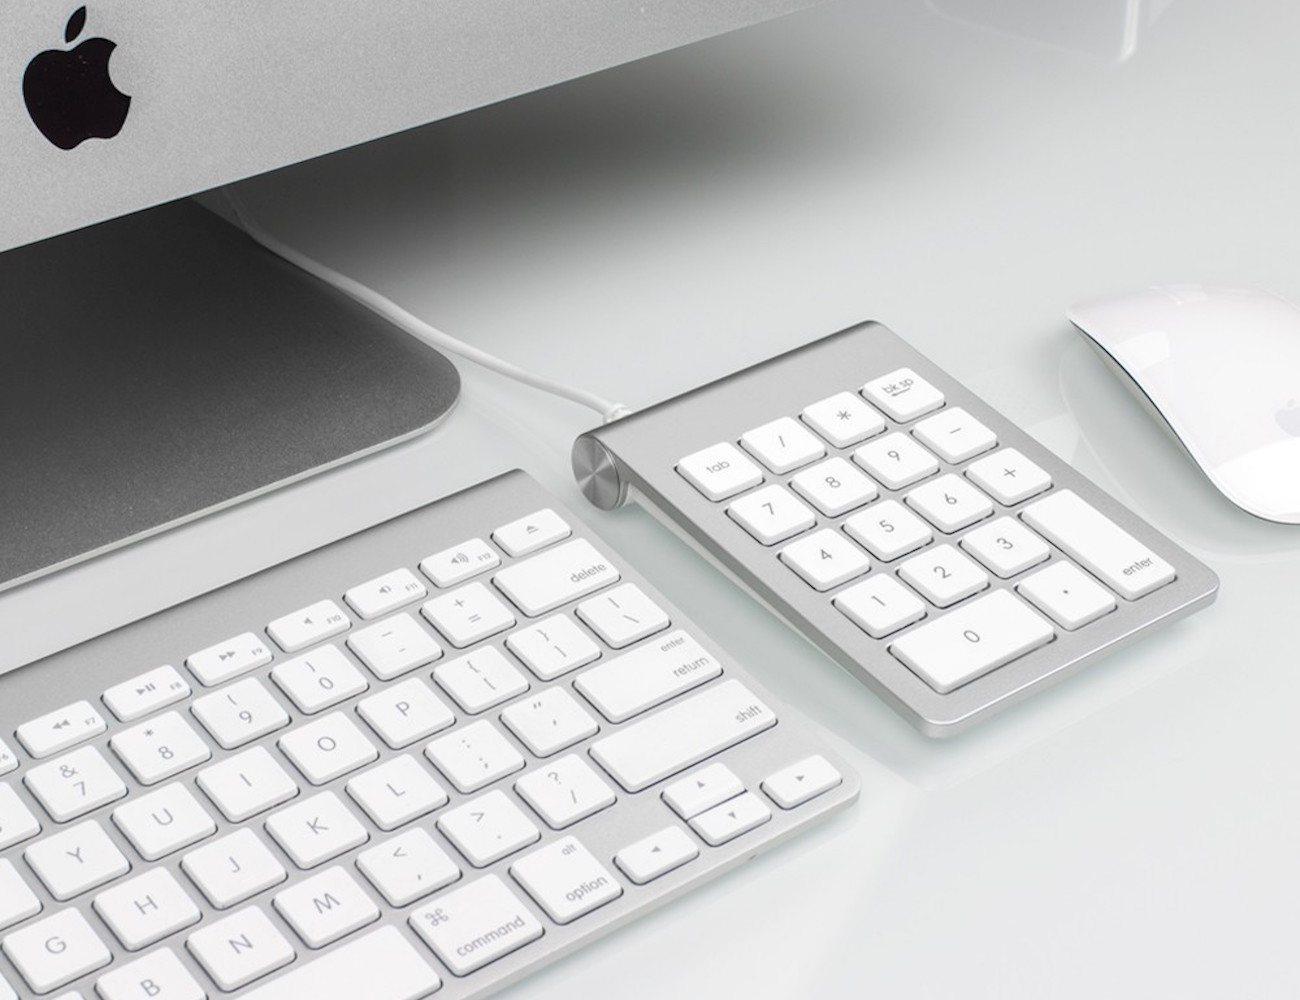 satechi aluminum usb numeric keypad 187 gadget flow